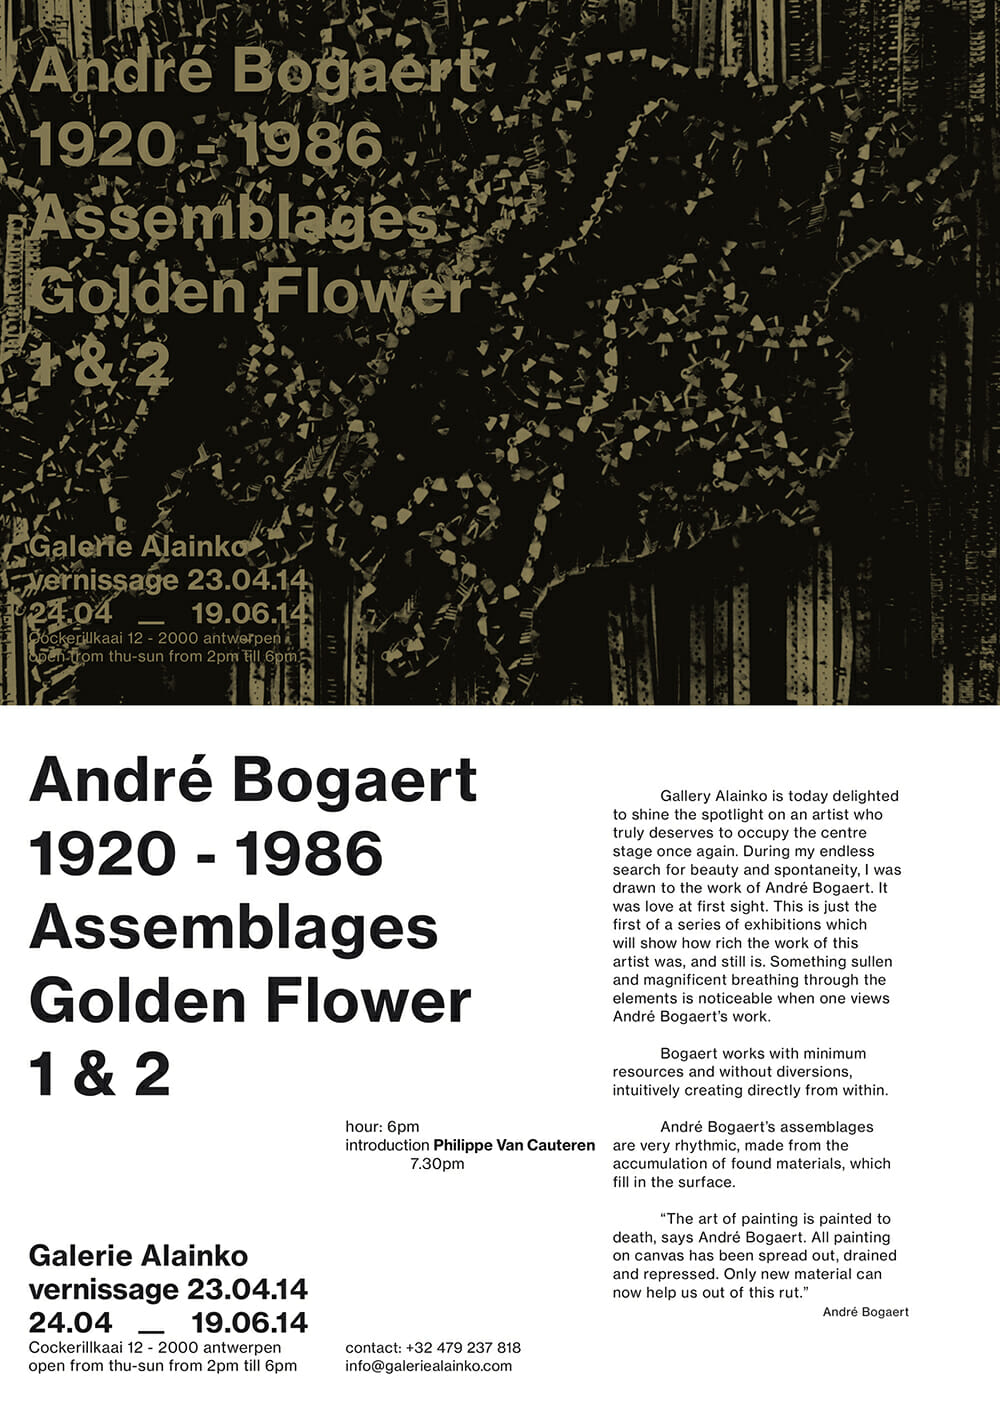 Belgian artist André Bogaert 1920 - 1986 Assemblages Golden Flower 1 & 2